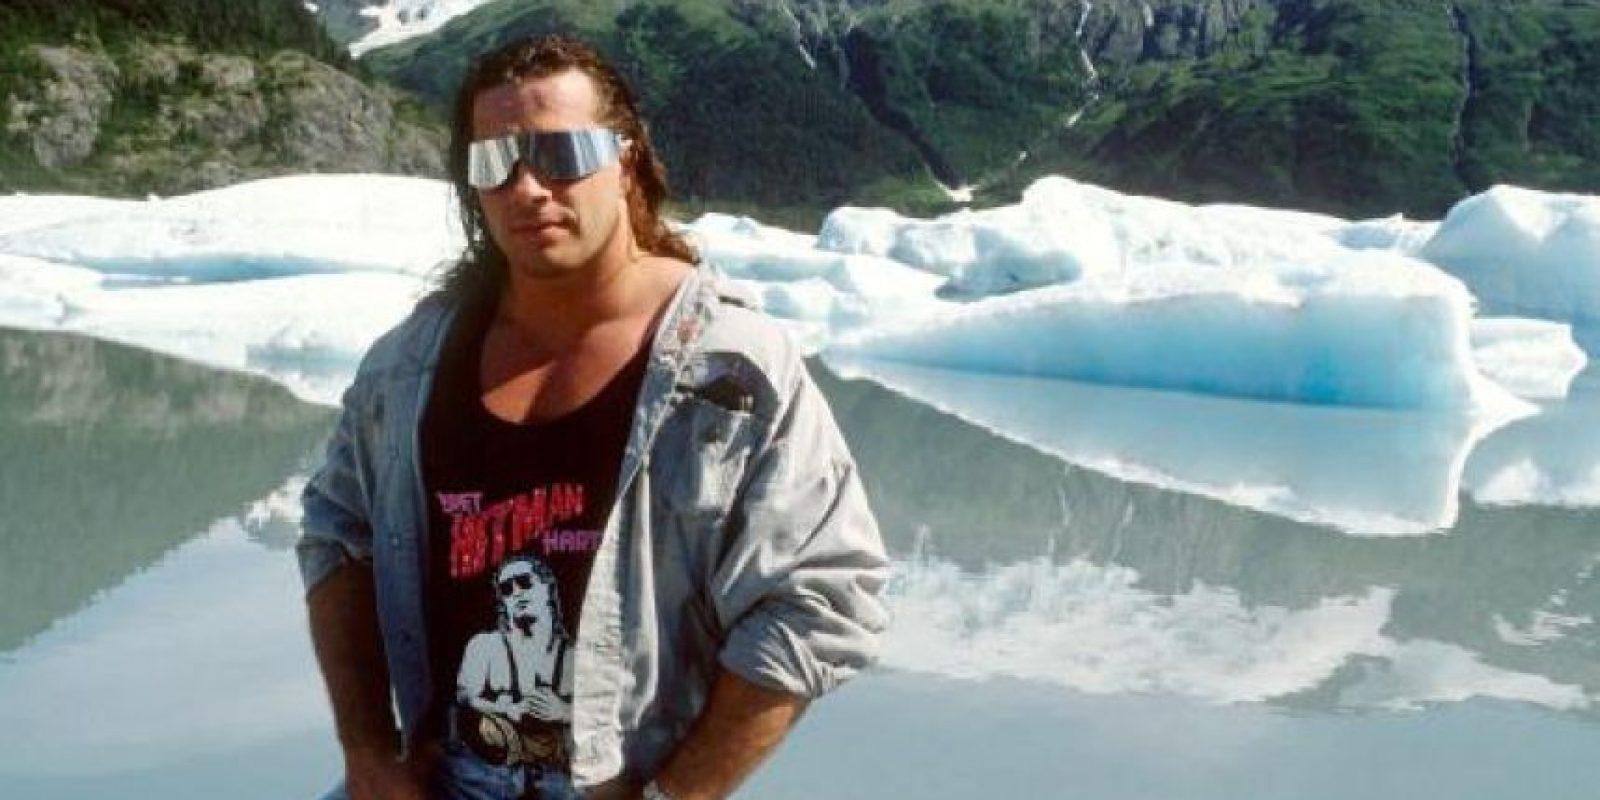 En 2009 volvió a la WWE, y tiene apariciones de manera esporádica. Foto:WWE. Imagen Por: